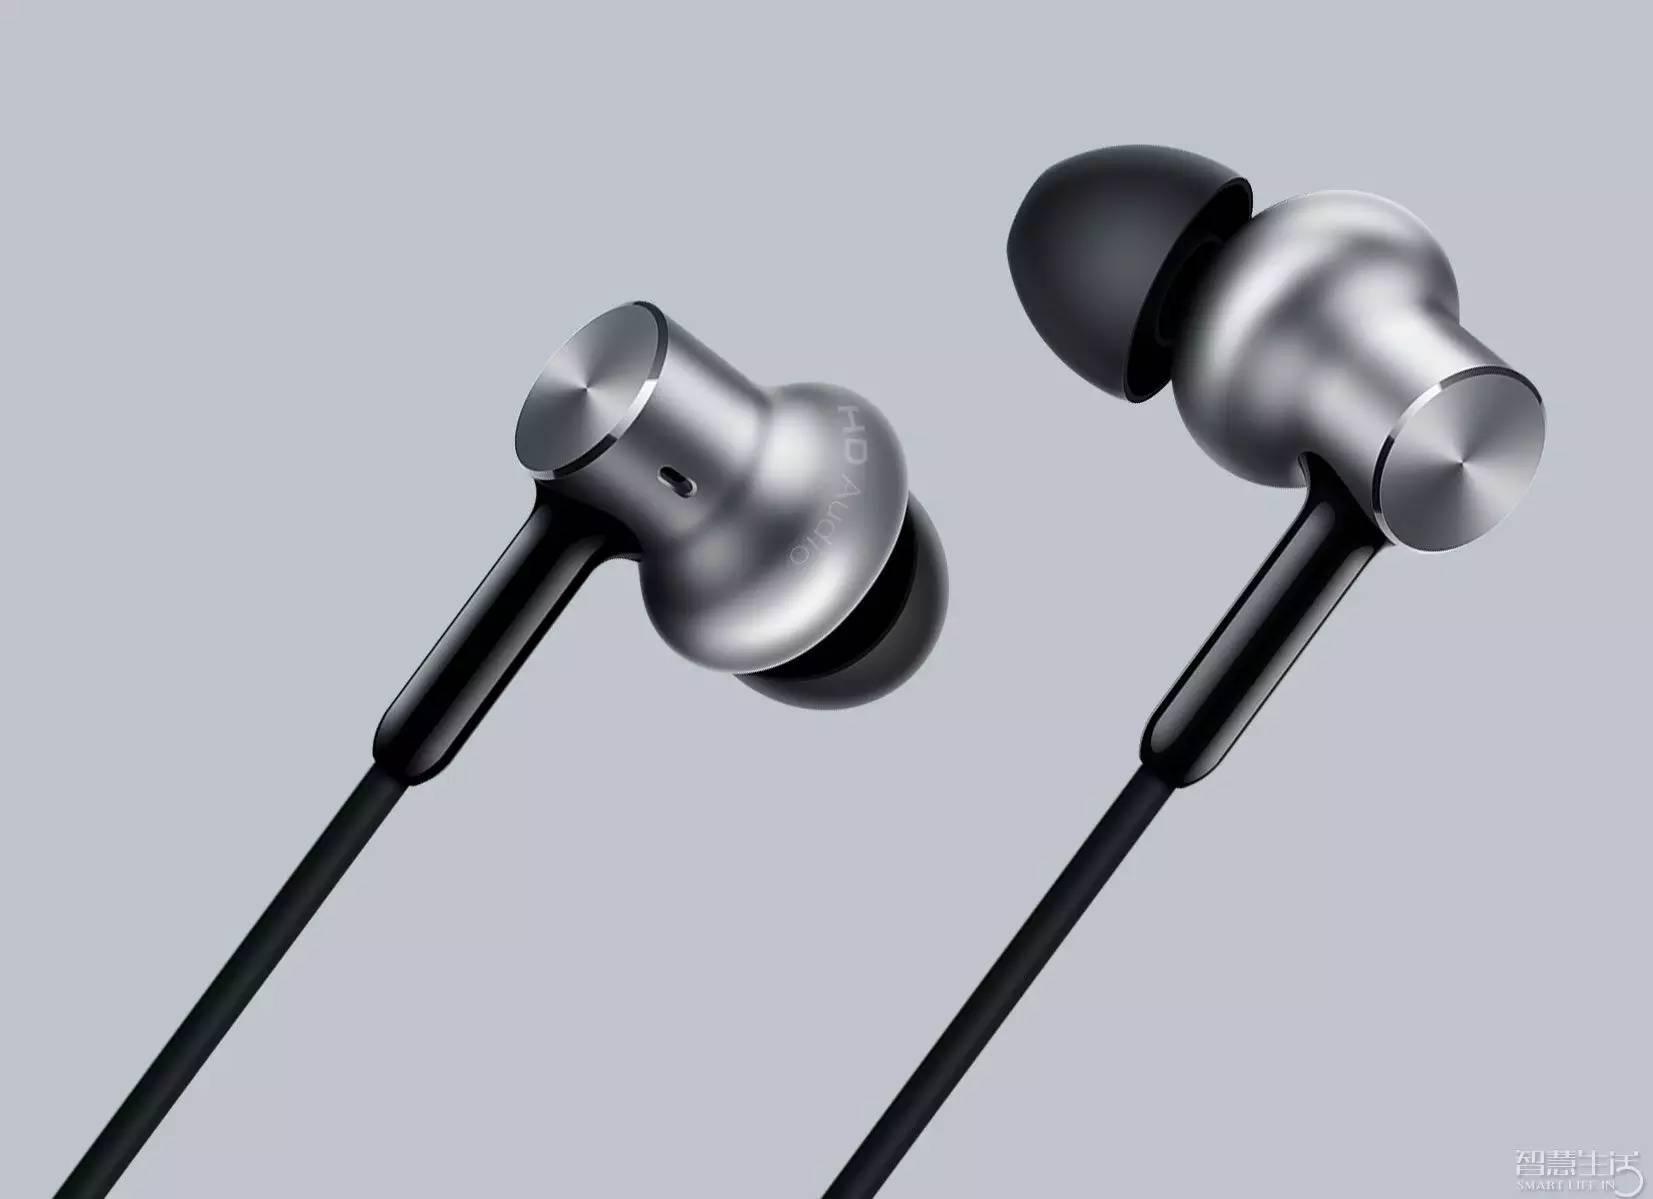 tai nghe mi in ear headphone piston iron pro hd 605066e5261bc